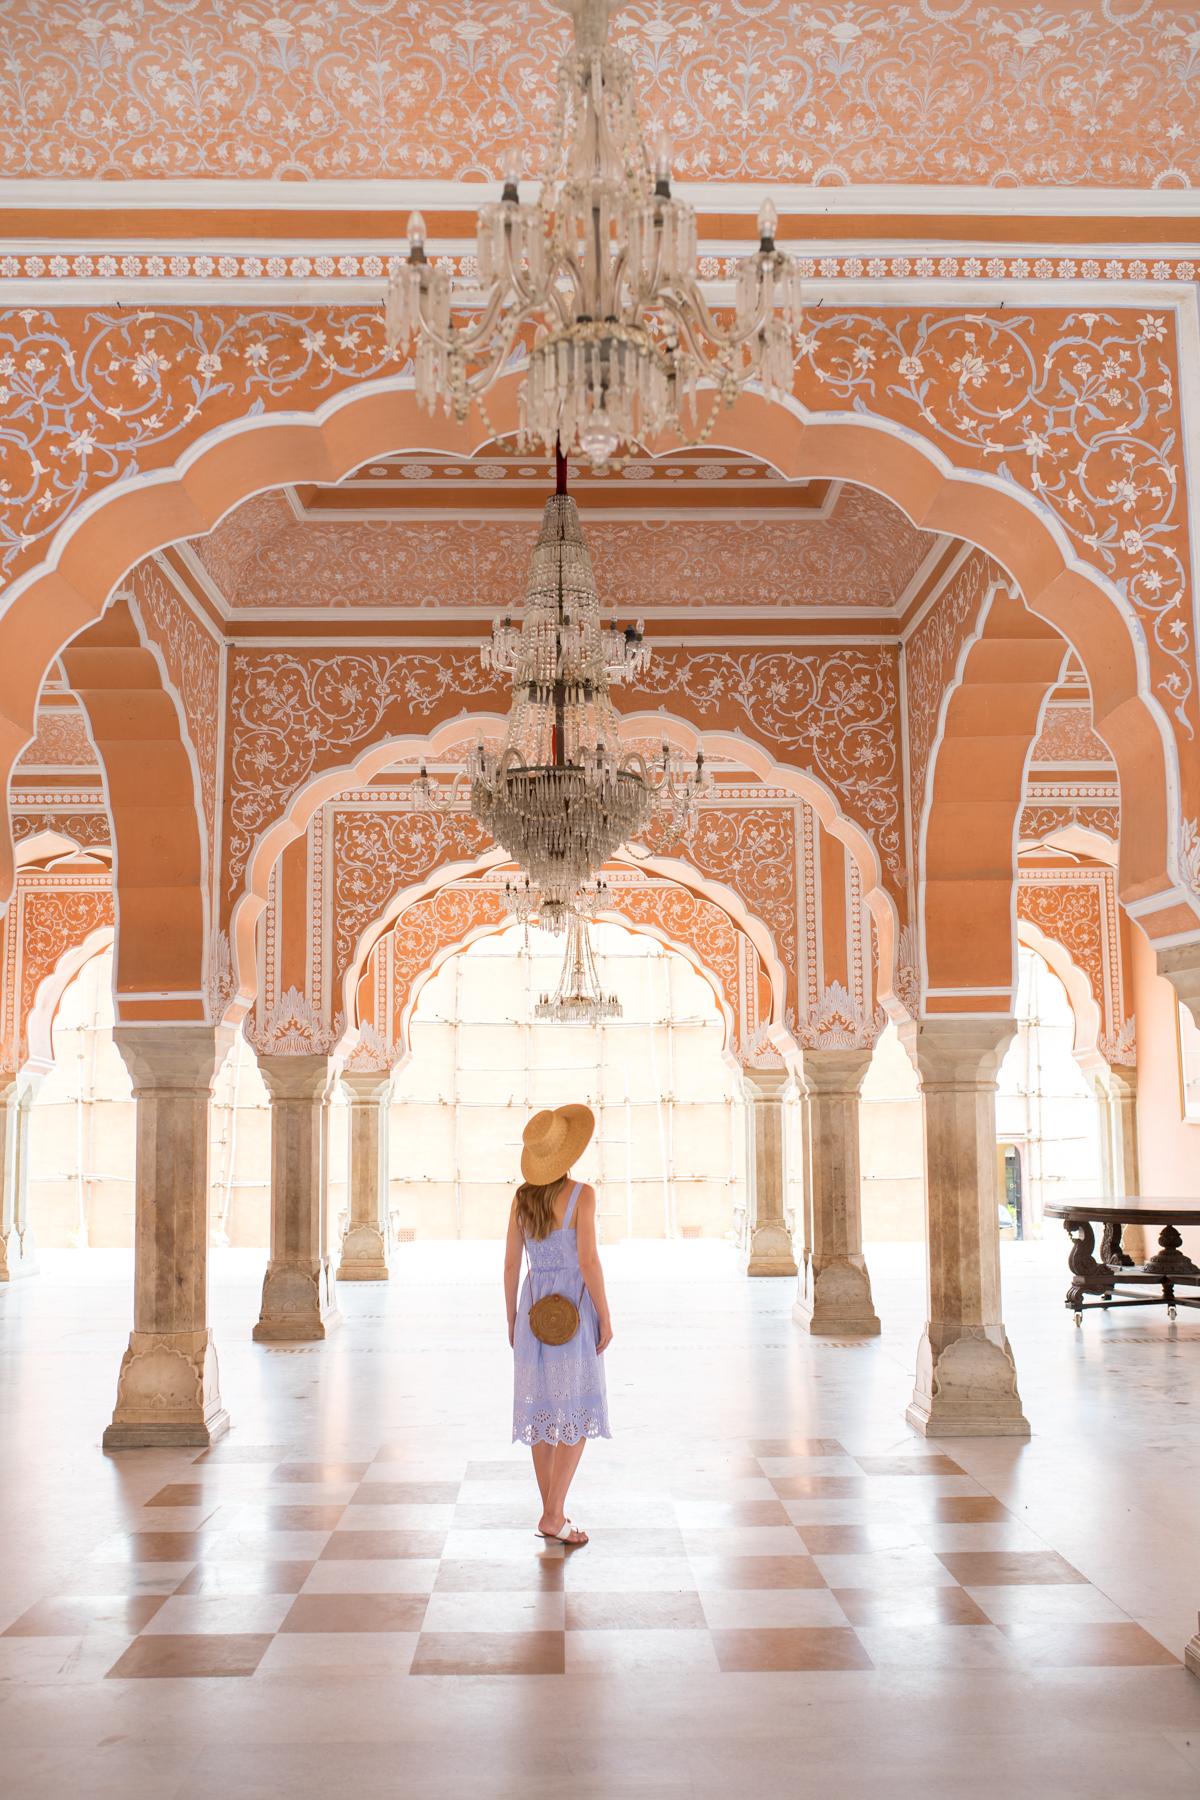 Stacie Flinner City Palace Jaipur 10 Best -60.jpg